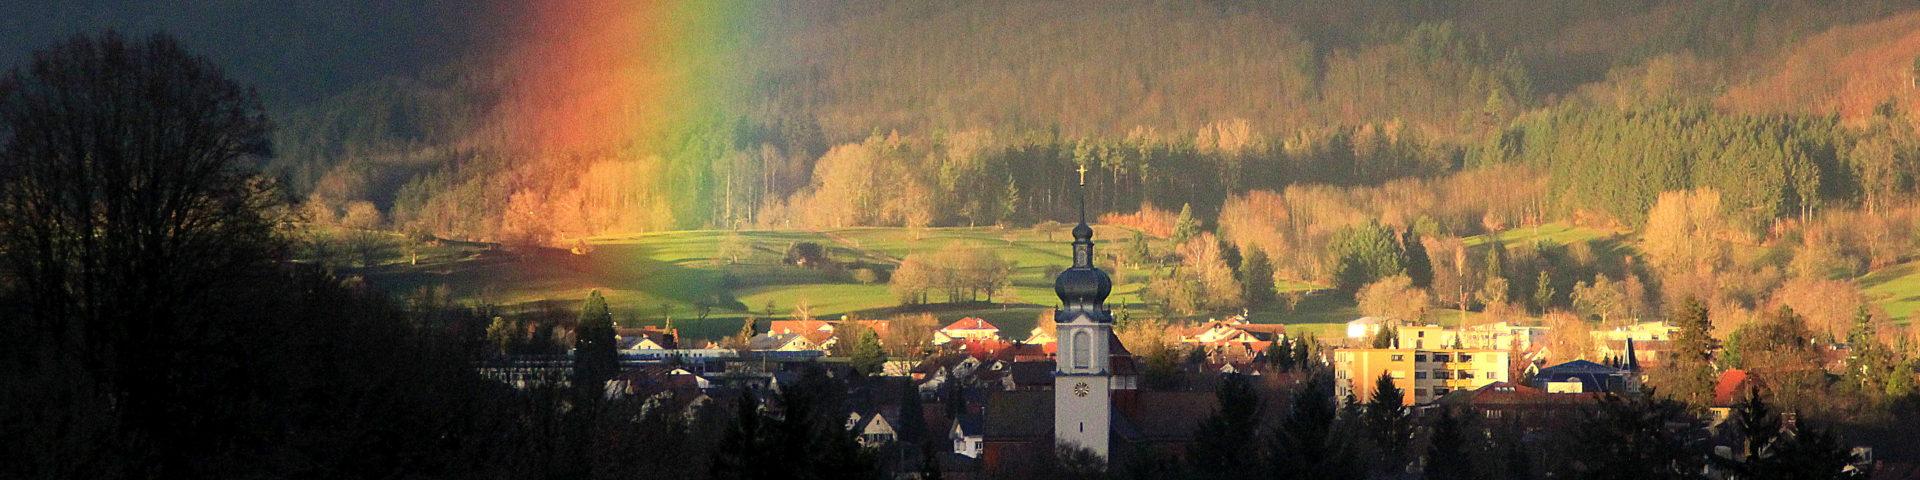 Wehr Kirche St. Martin und Regenbogen